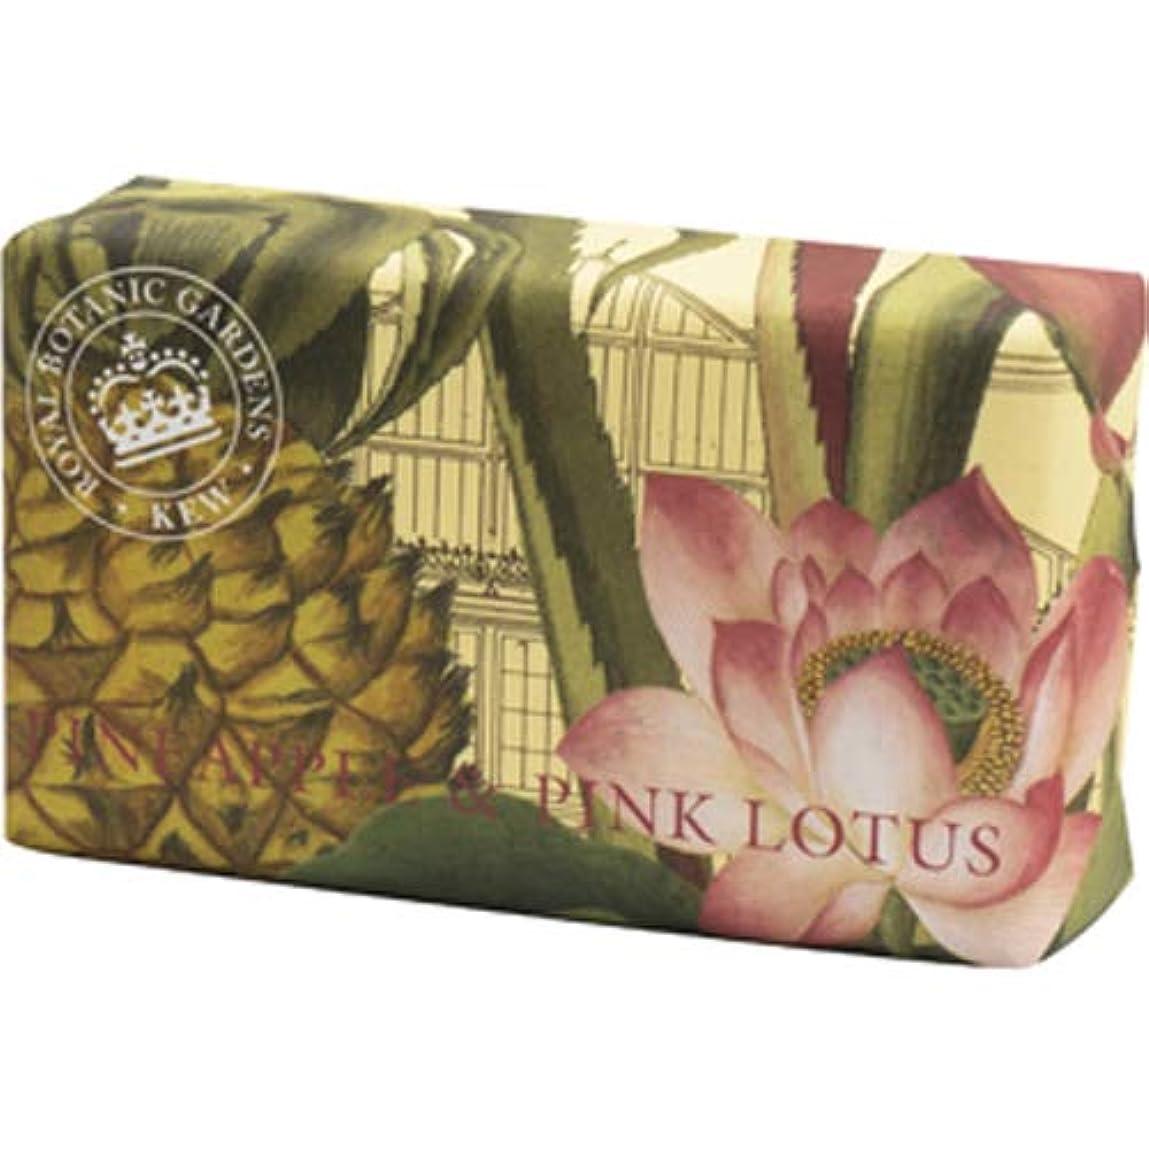 引き付けるアボートバスEnglish Soap Company イングリッシュソープカンパニー KEW GARDEN キュー?ガーデン Luxury Shea Soaps シアソープ Pineapple & Pink Lotus パイナップル...